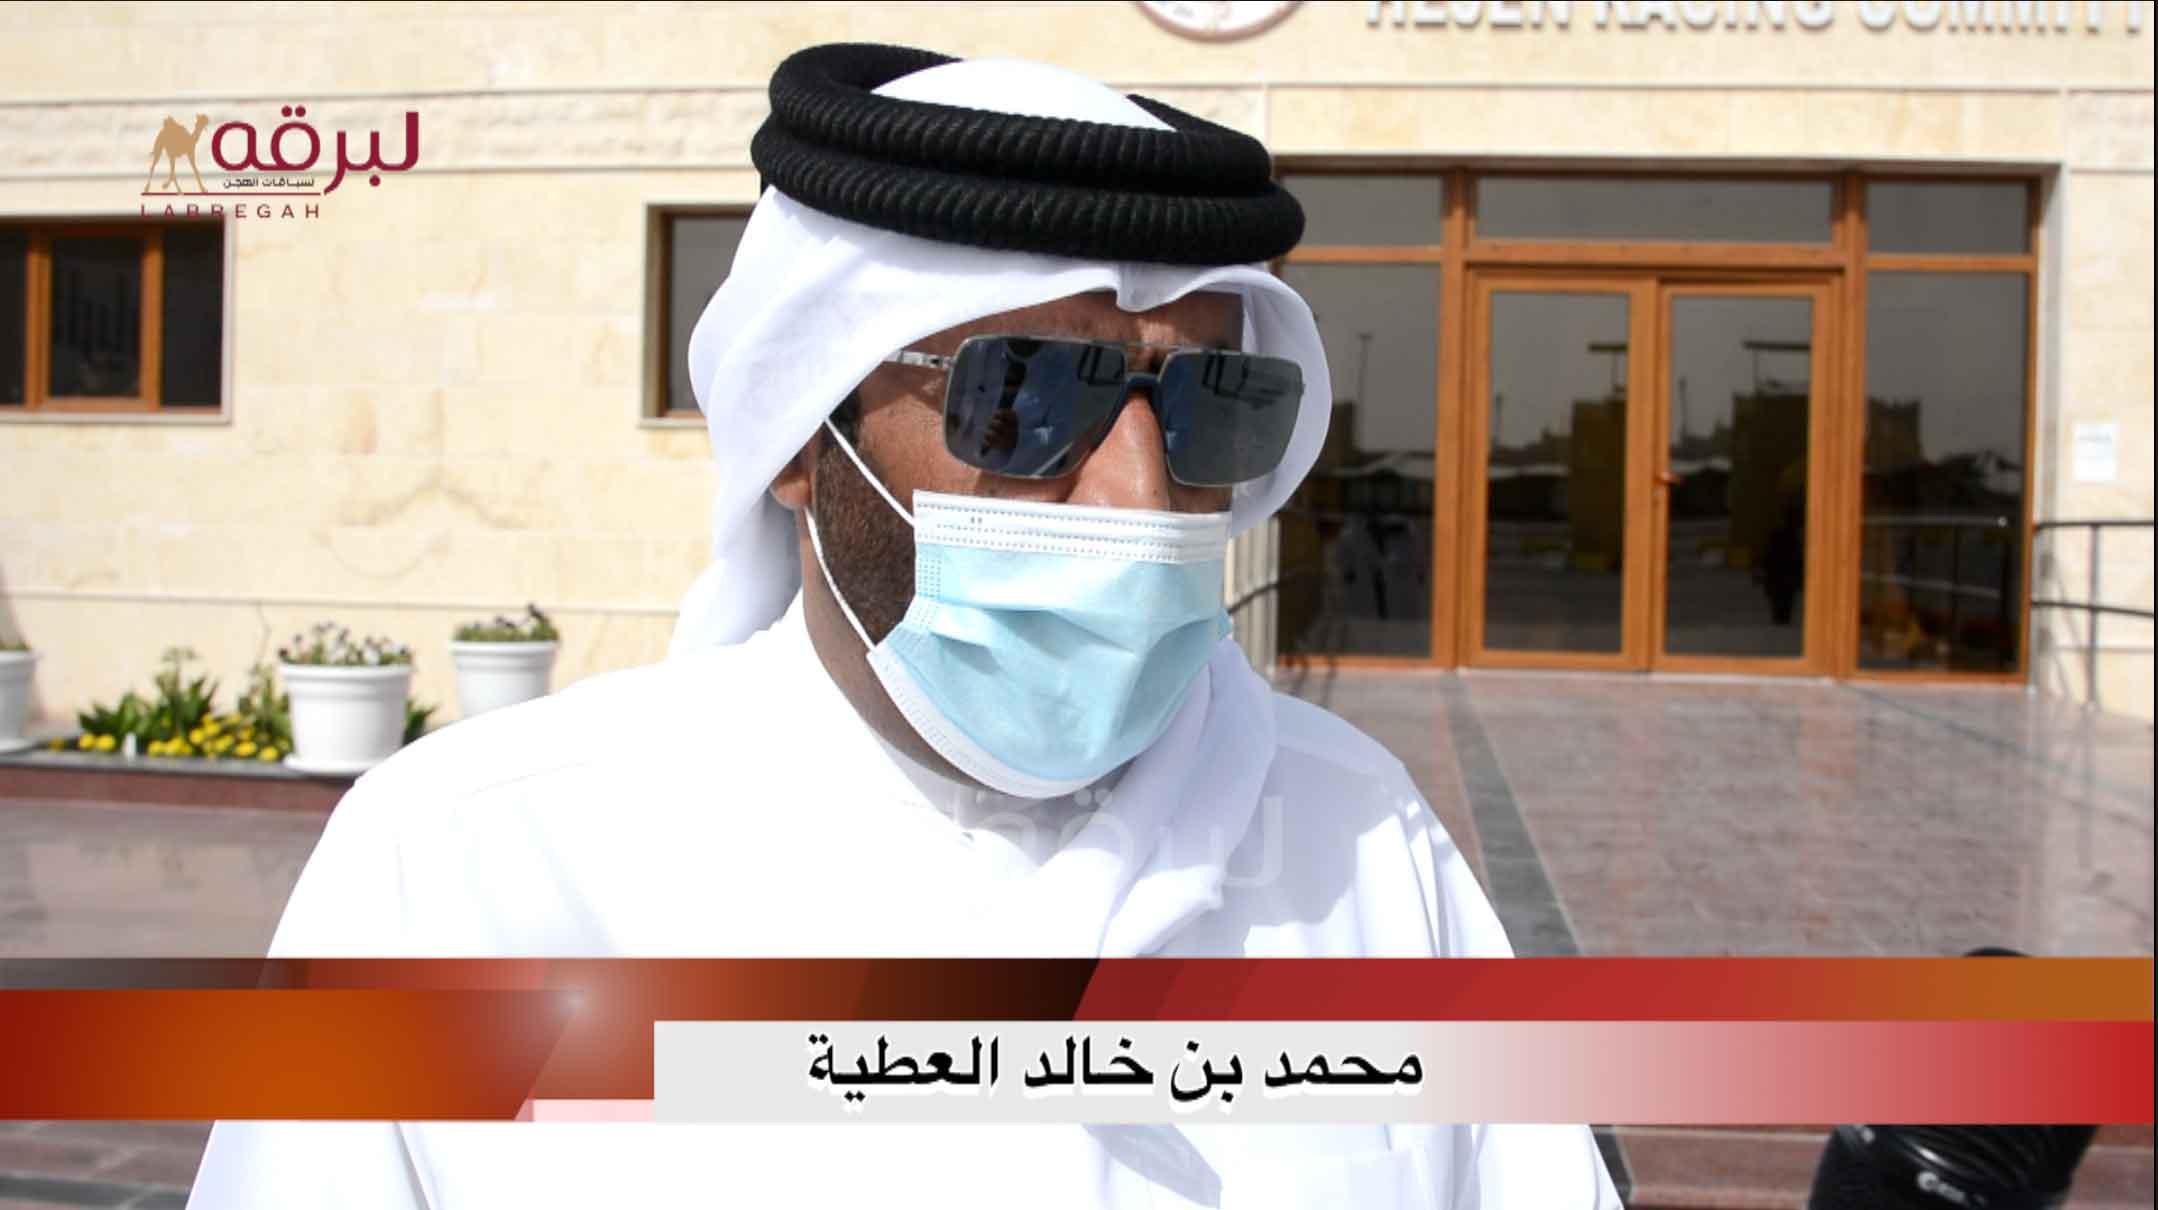 لقاء مع محمد بن خالد العطية.. الخنجر الذهبي لقايا قعدان «مفتوح» الأشواط المفتوحة ٢٢-٣-٢٠٢١